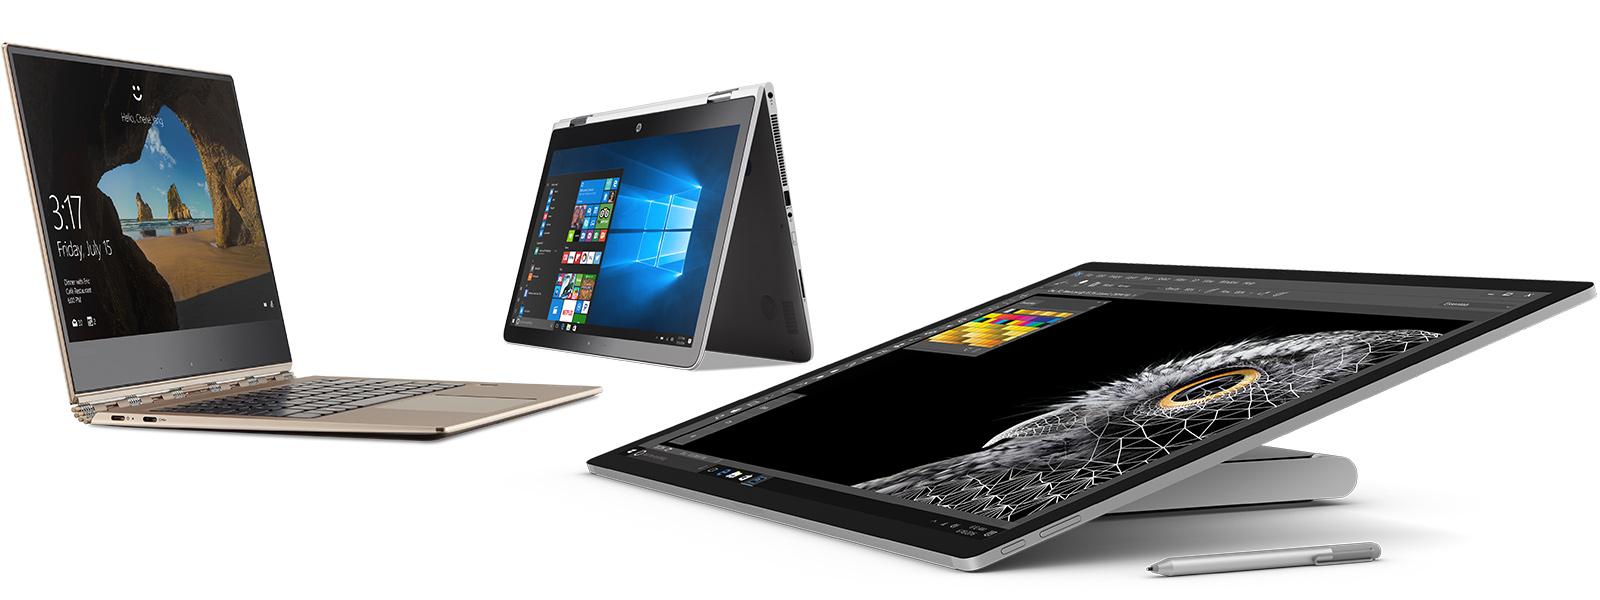 Obraz grupy urządzeń: HP Spectre, Lenovo Yoga iSurface Studio.